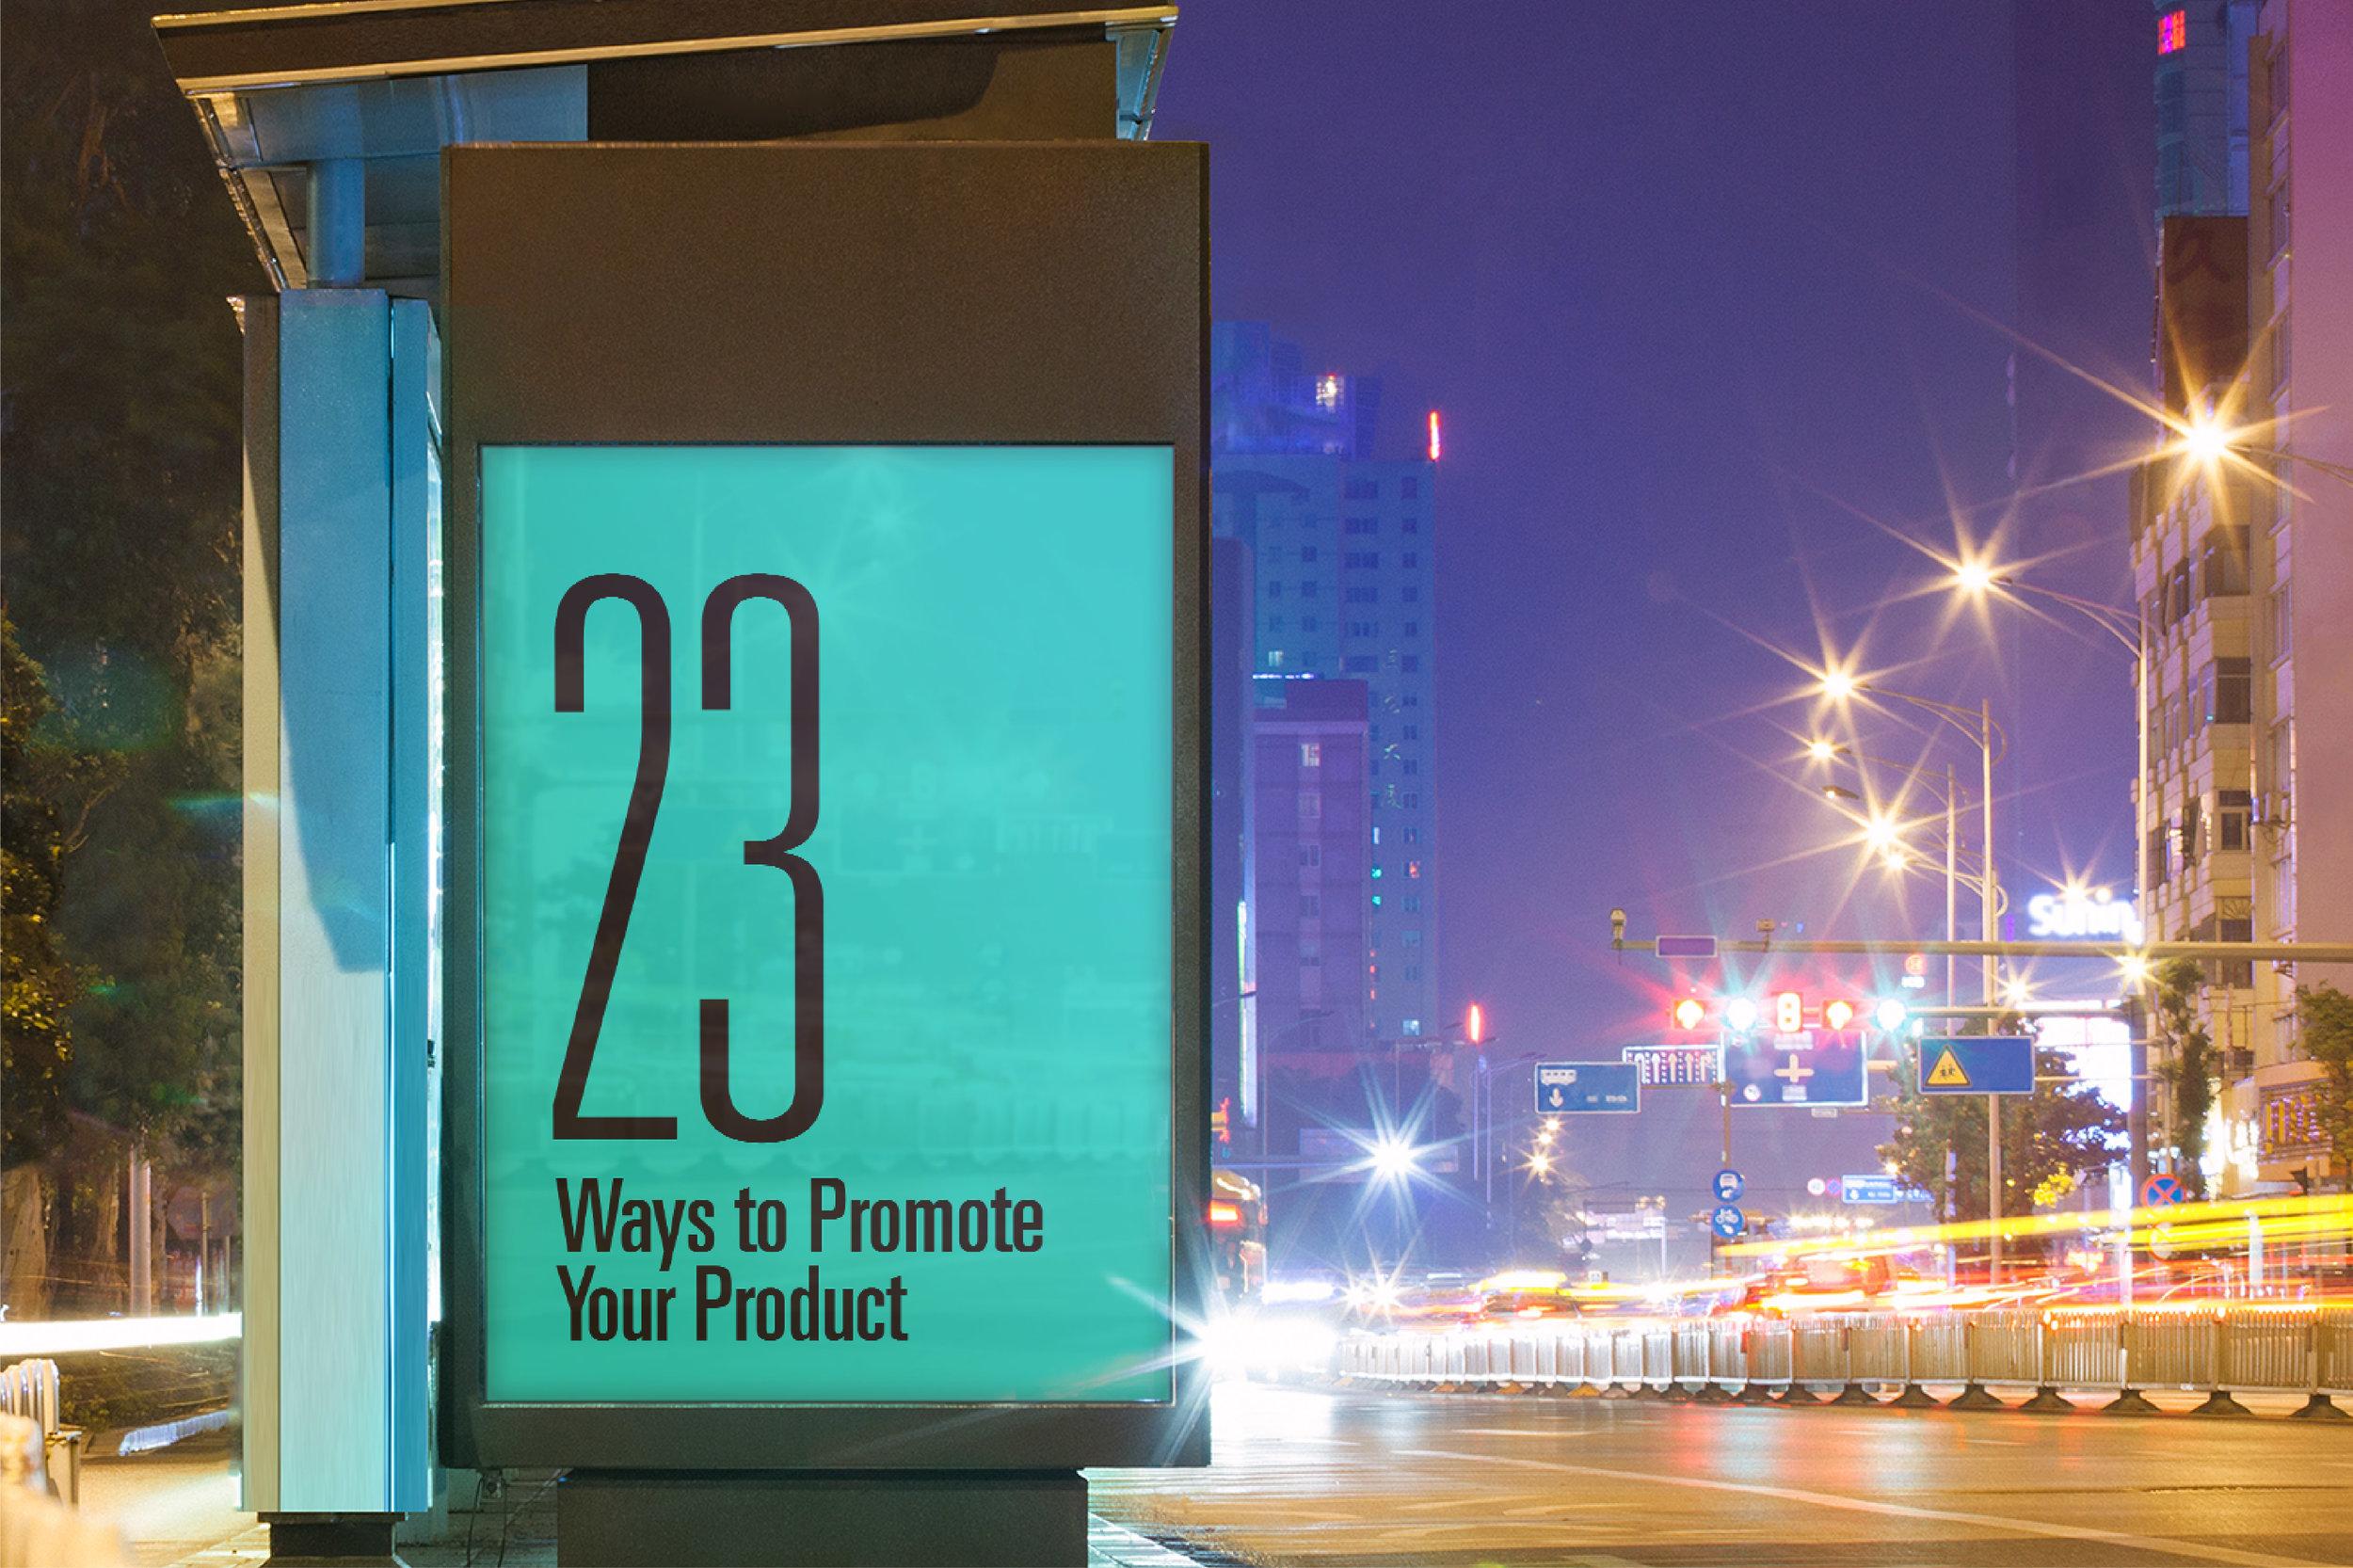 Week41-23WaystoPromoteYourProduct_InBlog_1.jpg